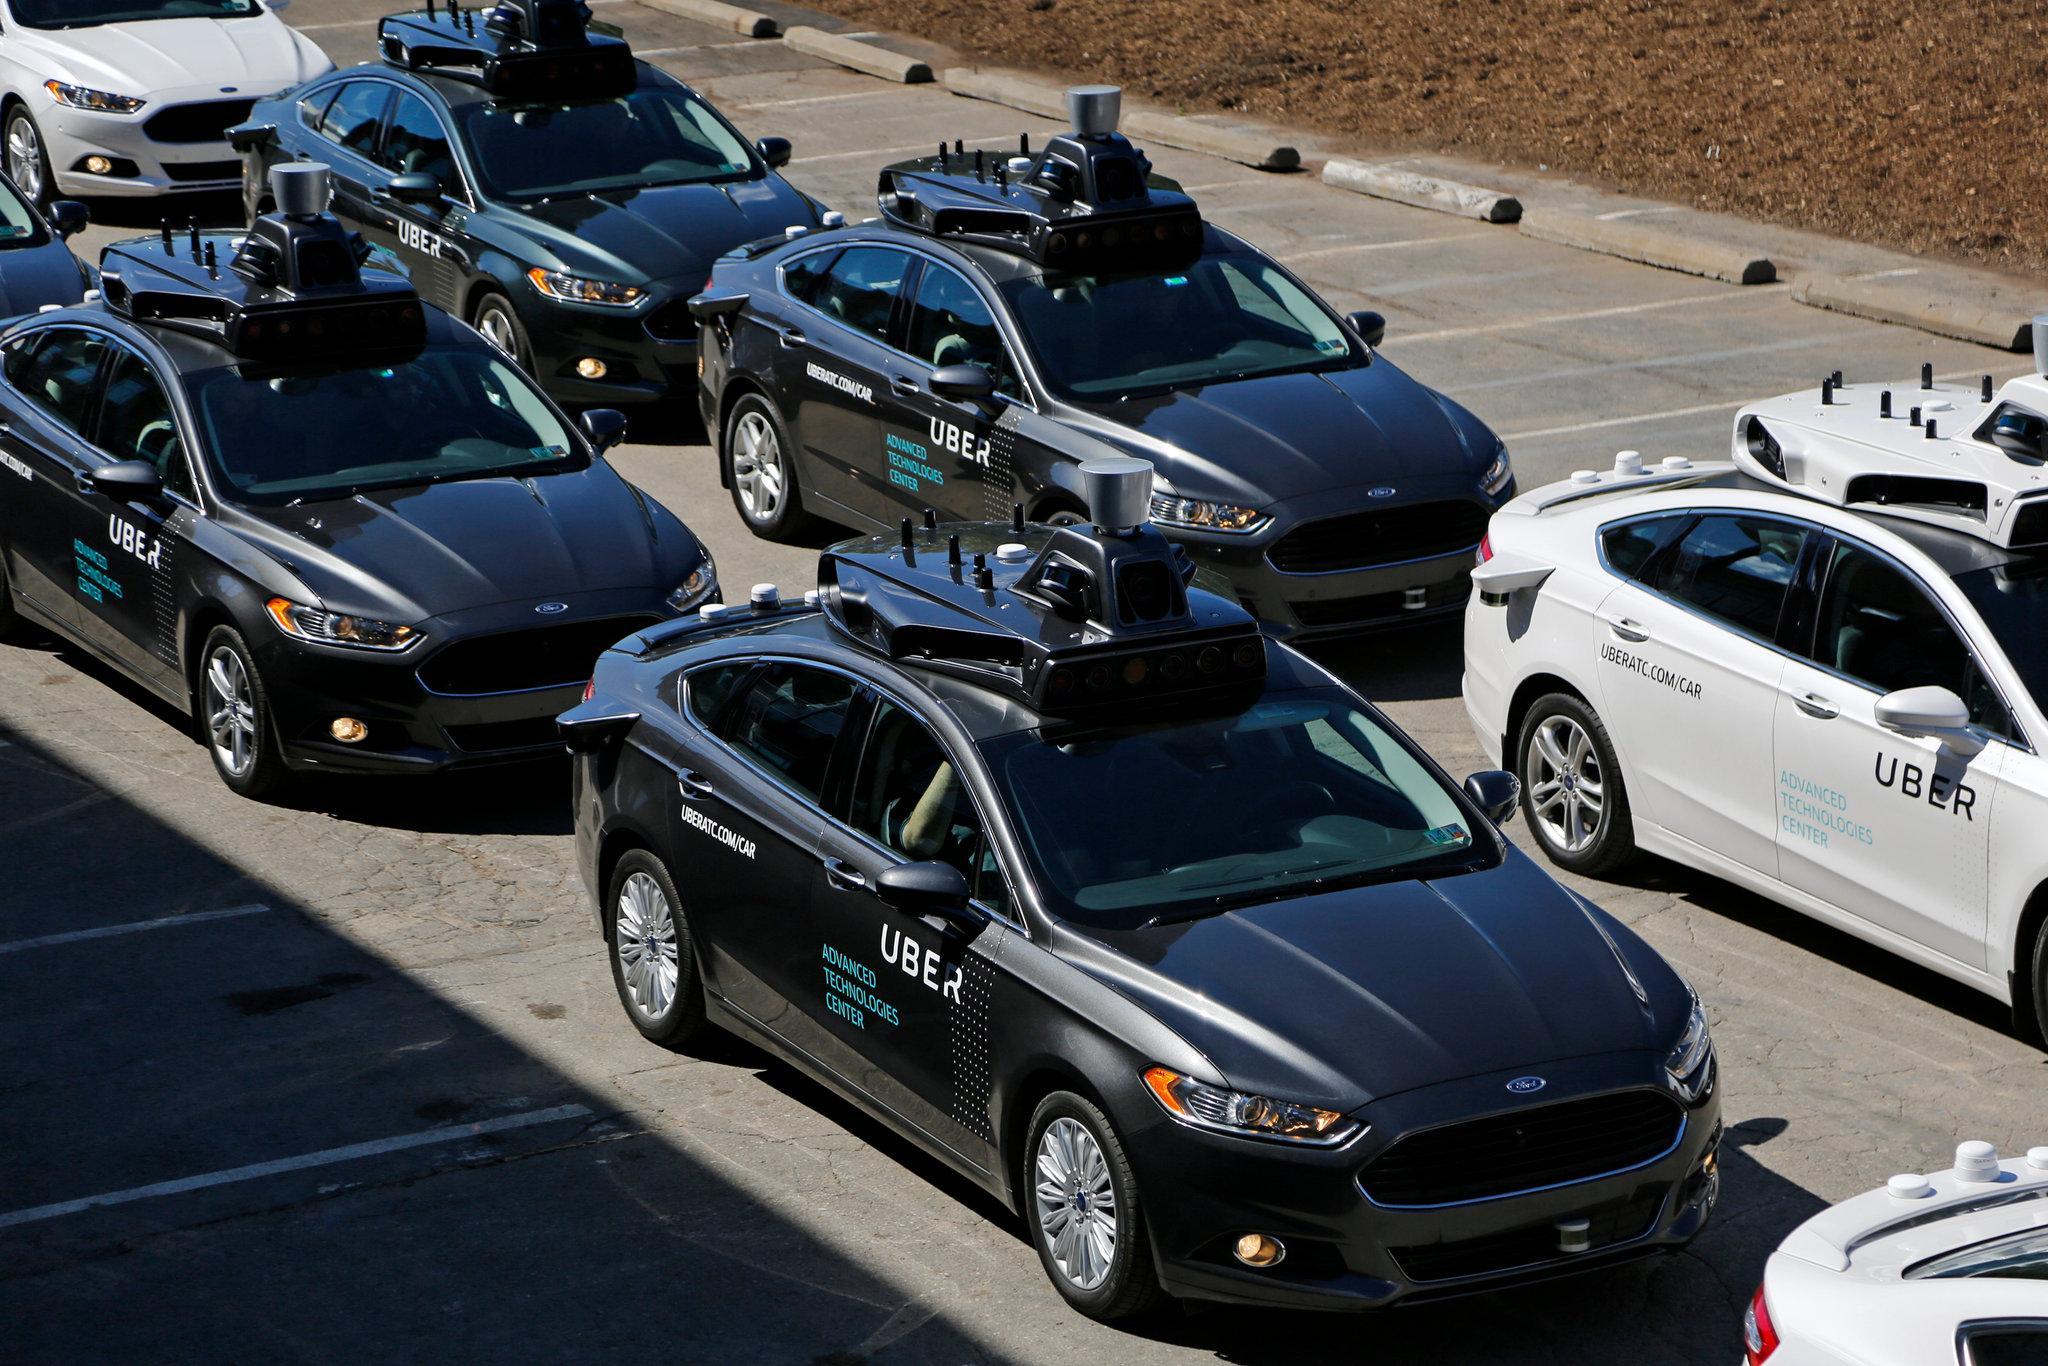 Carro autônomo da Uber atropela e mata pedestre nos EUA - TecMundo